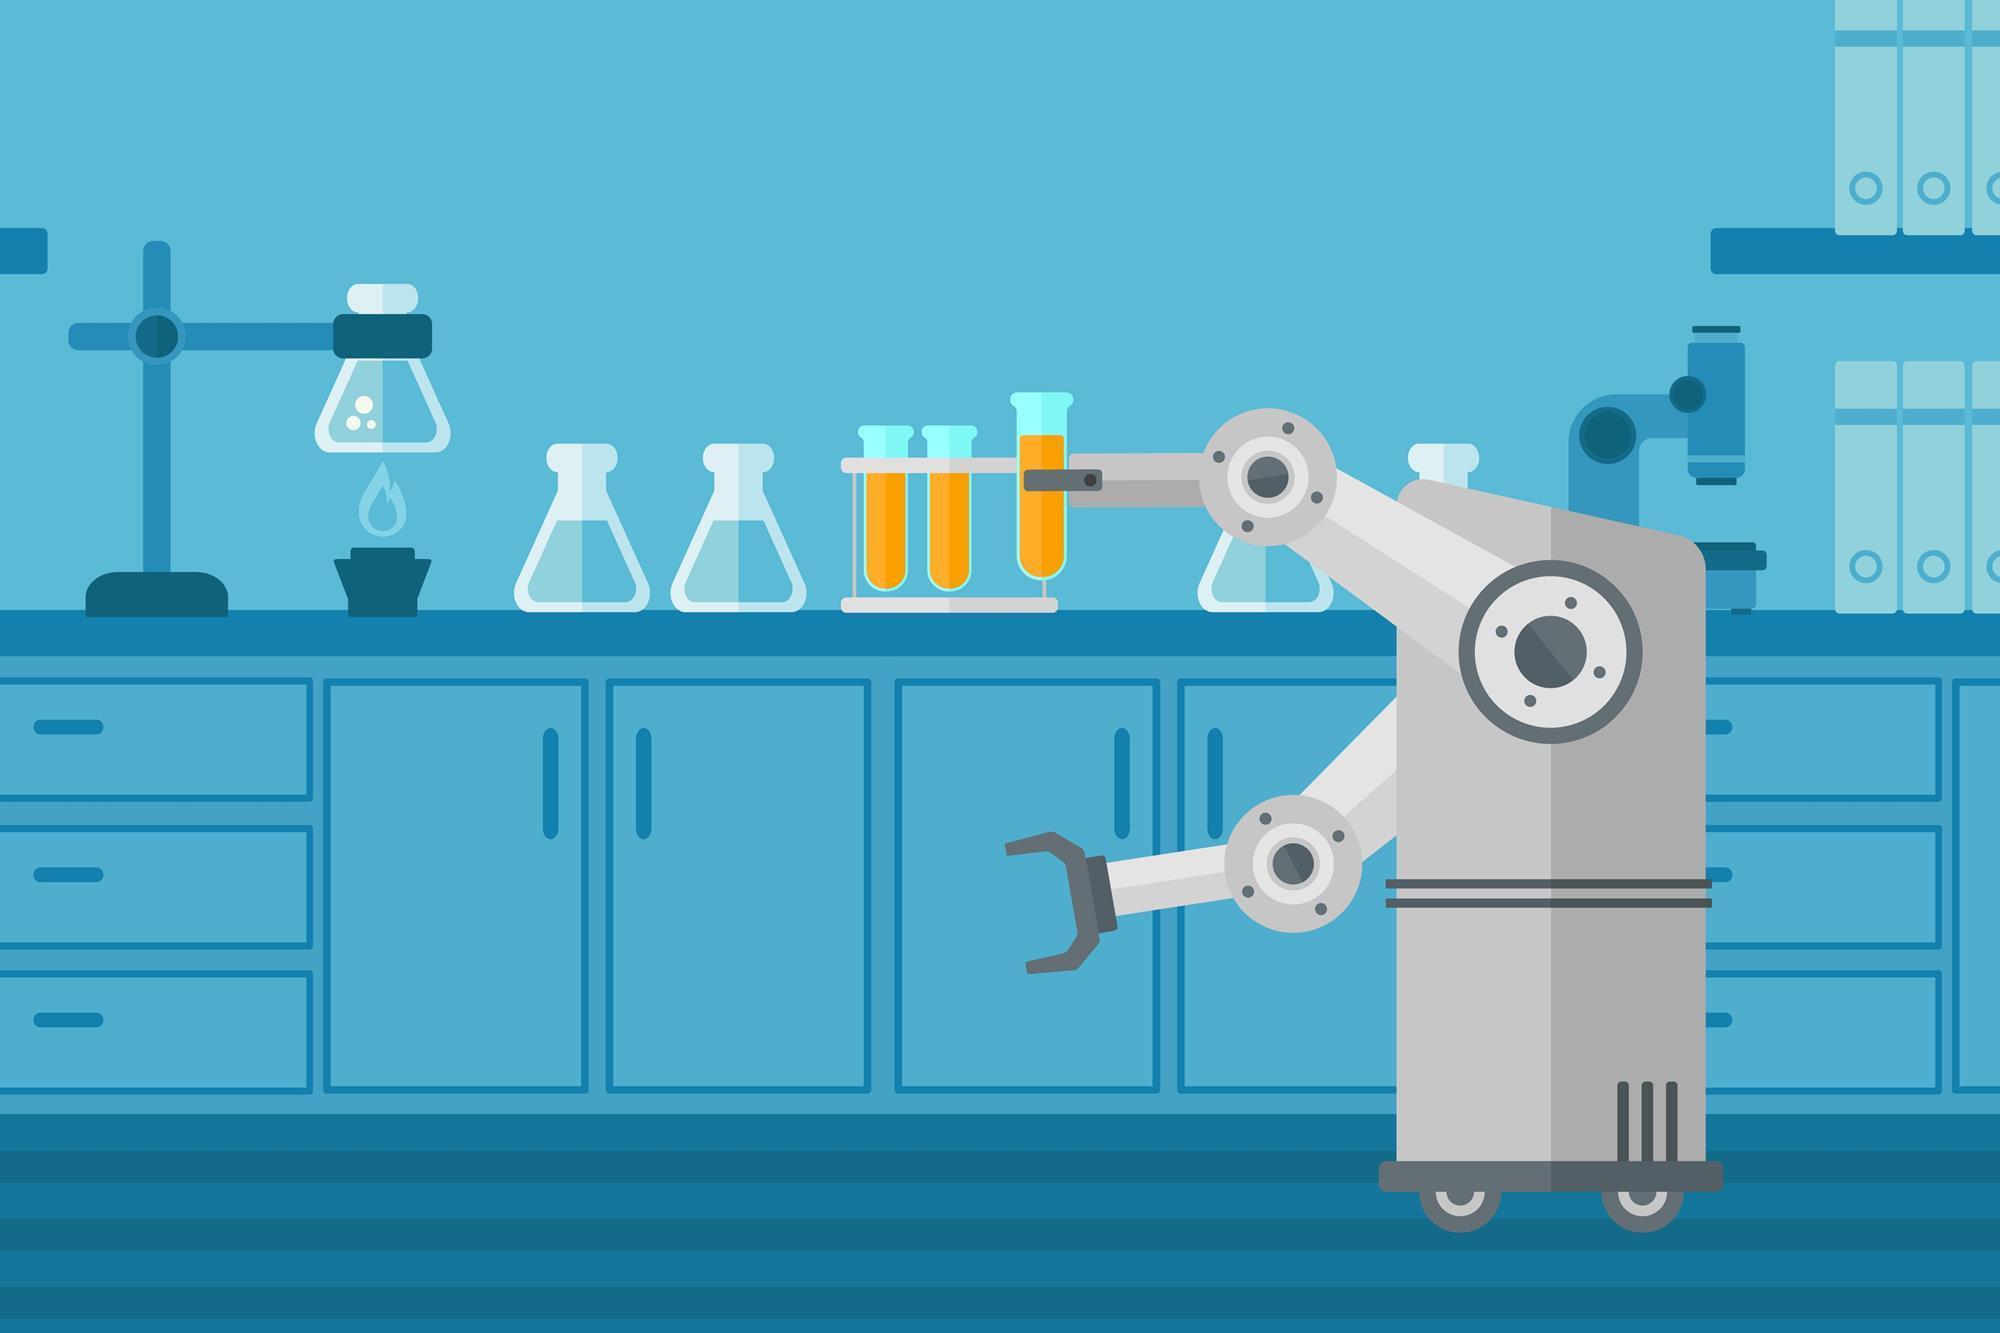 Робот-химик из Шотландии сам выбирает реагенты и ставит опыты. Процессом управляет нейросеть